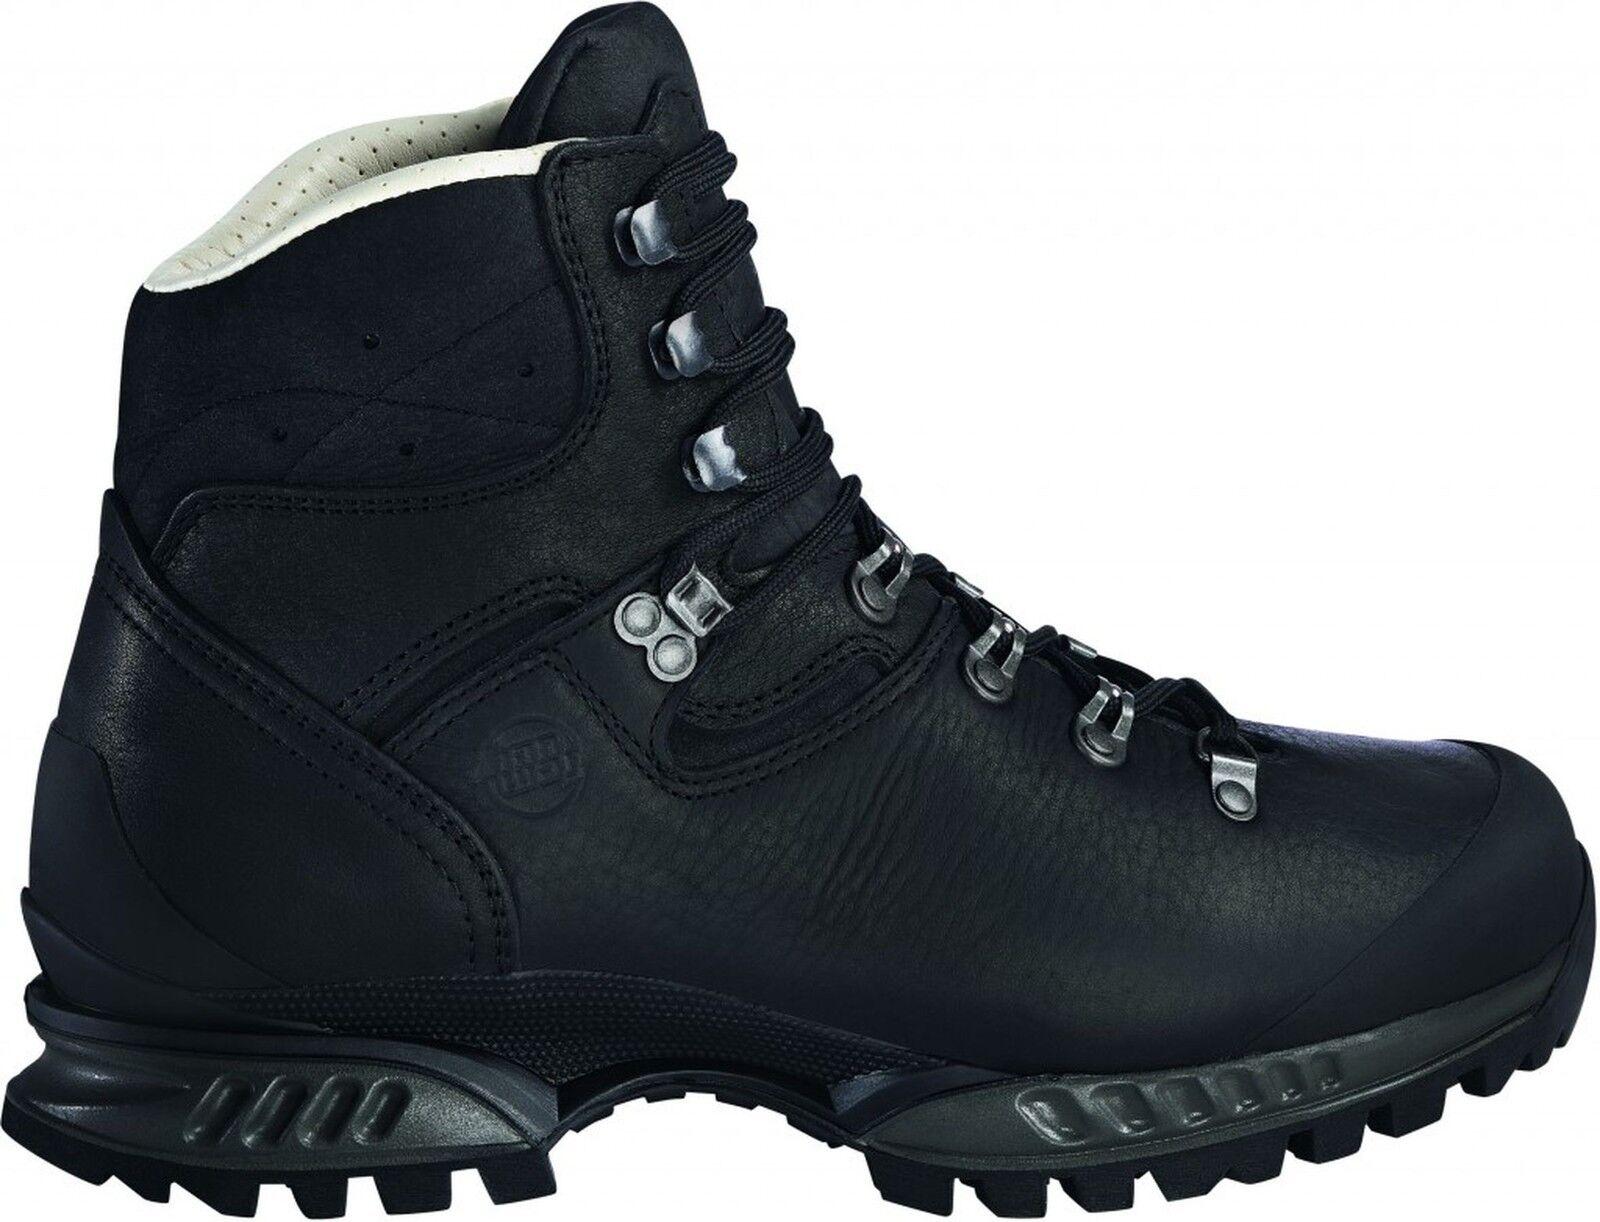 Hanwag trekking  yak zapatos lhasa tamaño 9 (43) negro  artículos novedosos